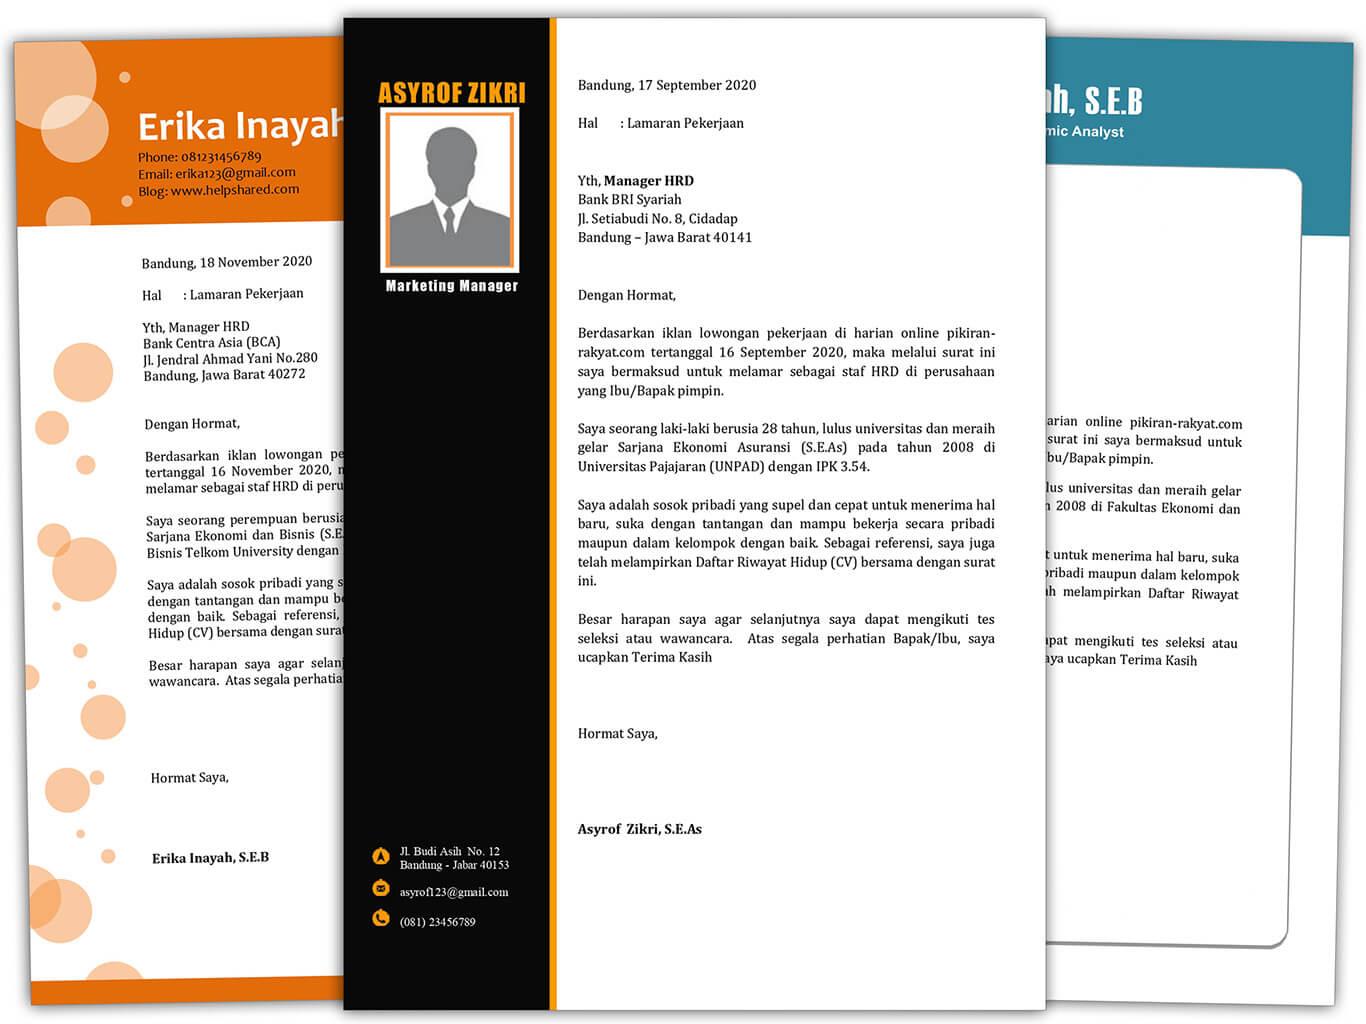 Demikian surat lamaran ini saya sampaikan, terima kasih atas perhatian dan perkenan. Surat Lamaran Kerja Yang Benar Pdf - suratlamaran.com